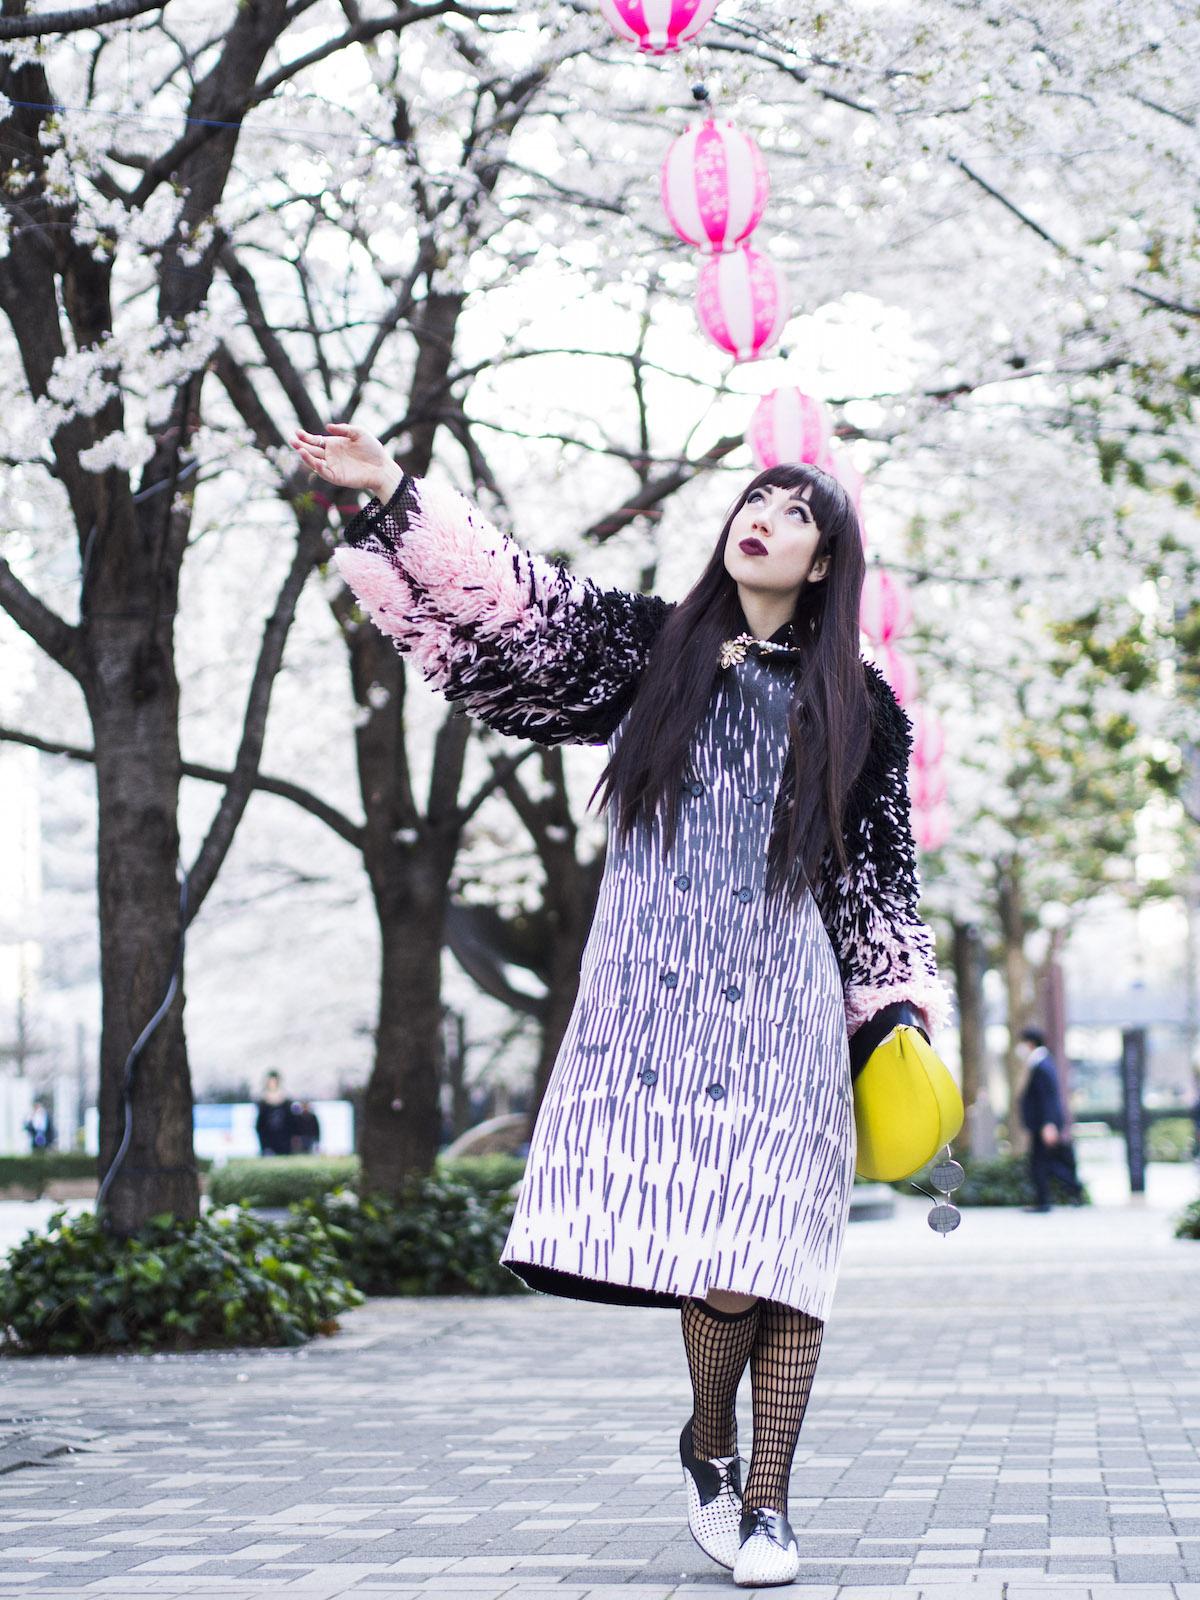 coat by viktoriya veselova that looks like a blanket of cherry blossoms